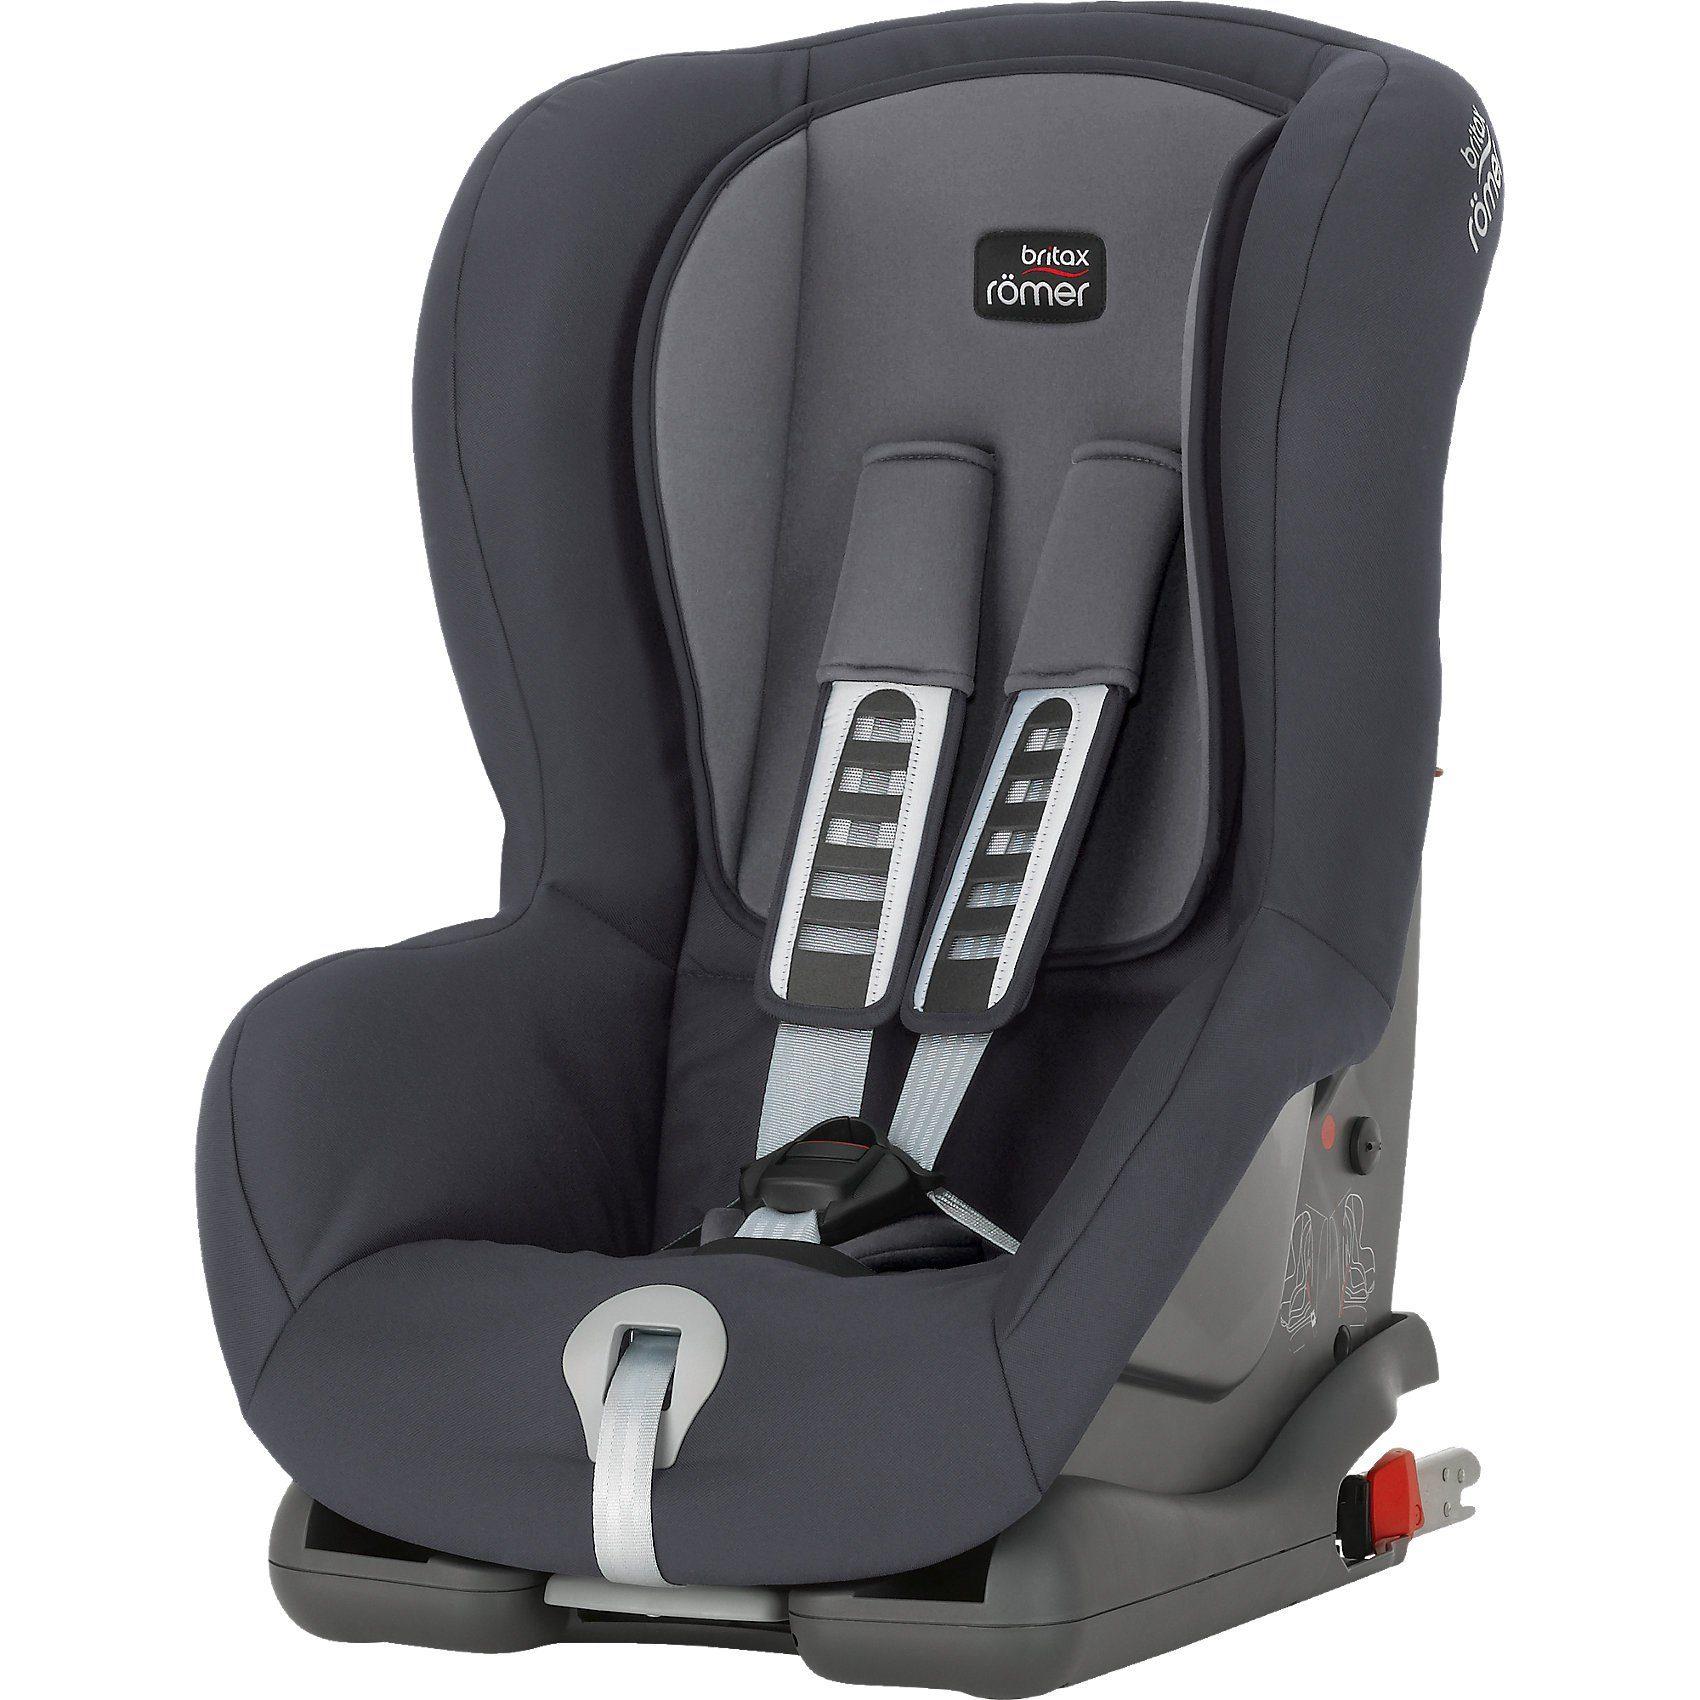 Britax Römer Auto-Kindersitz Duo Plus, Storm Grey, 2017